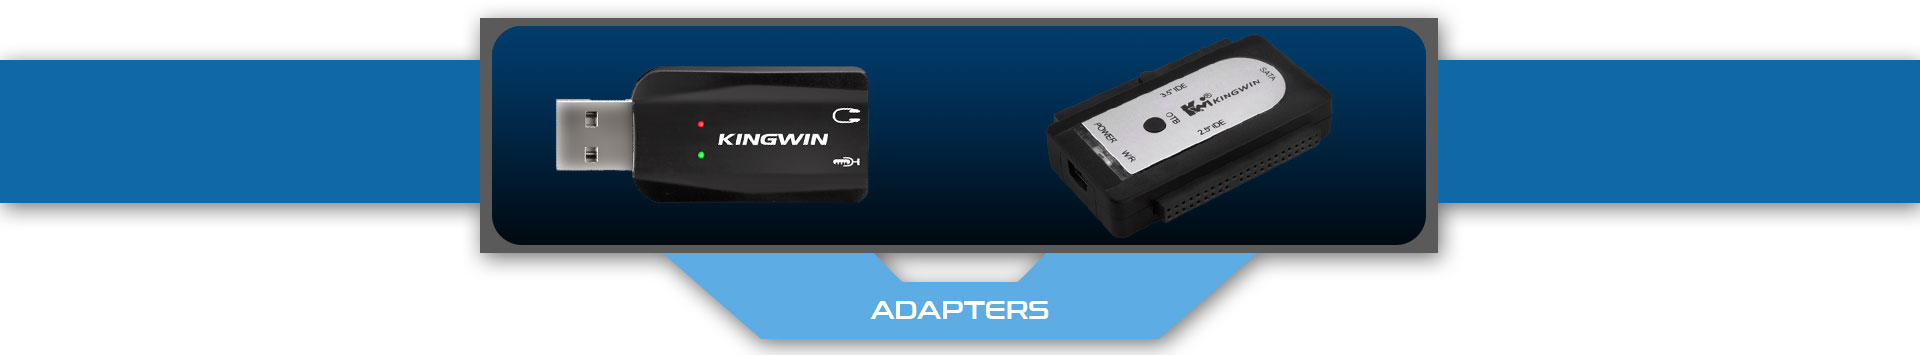 Adapter_Banner2